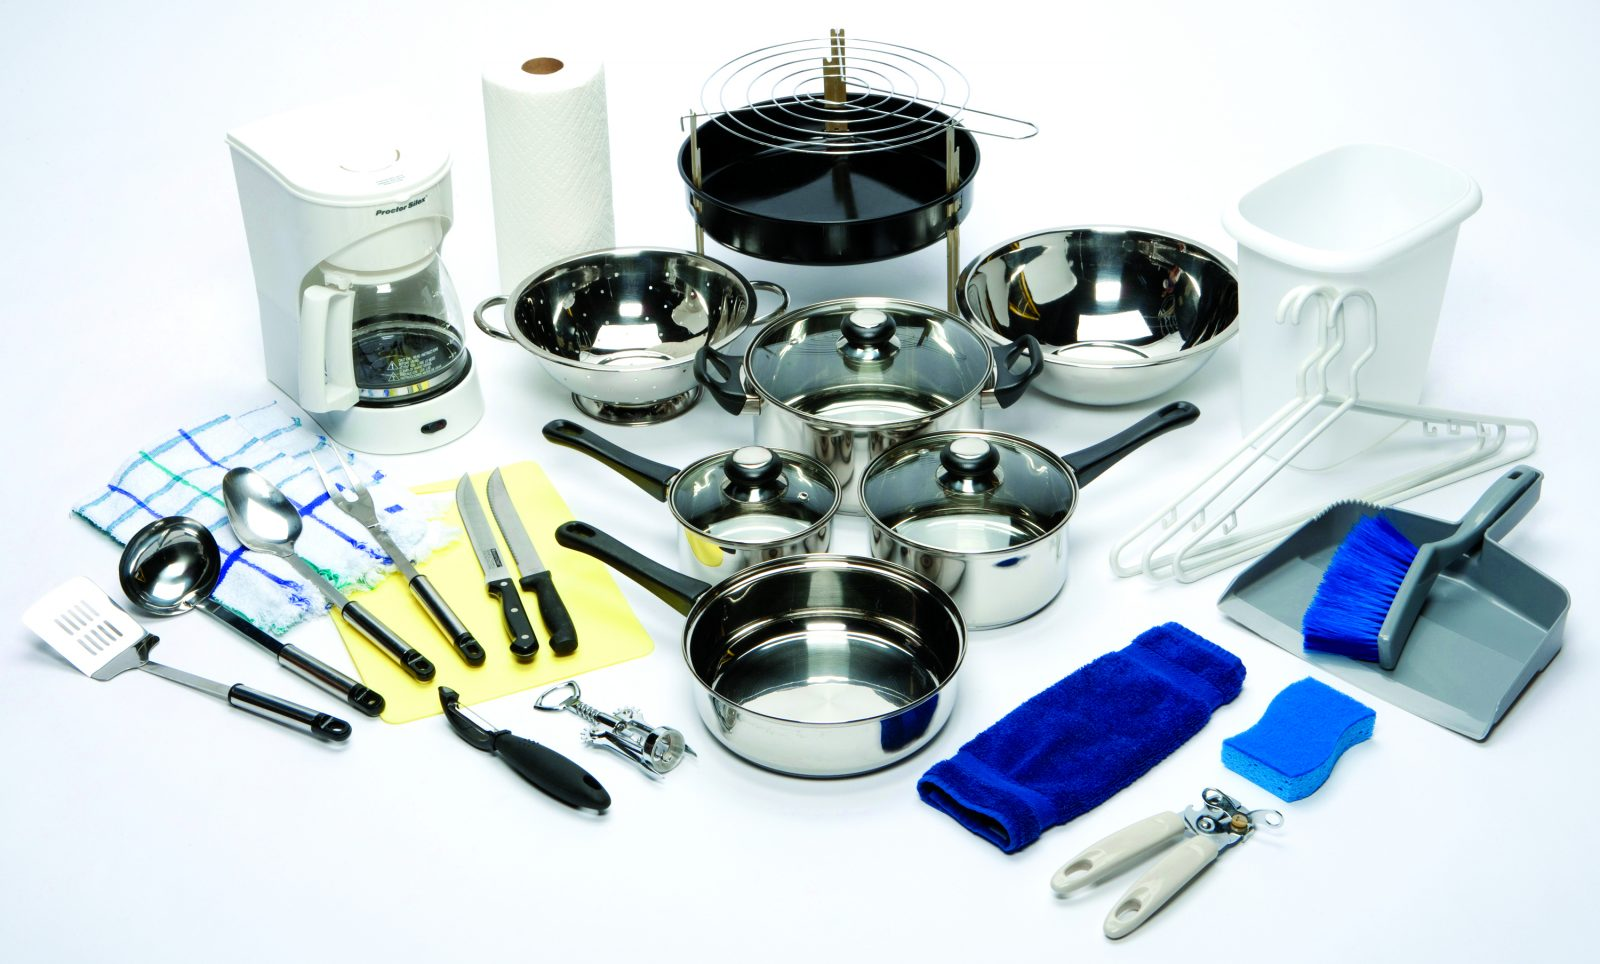 Selecci n de utensilios de cocina im genes y fotos for Utensilios medidores cocina